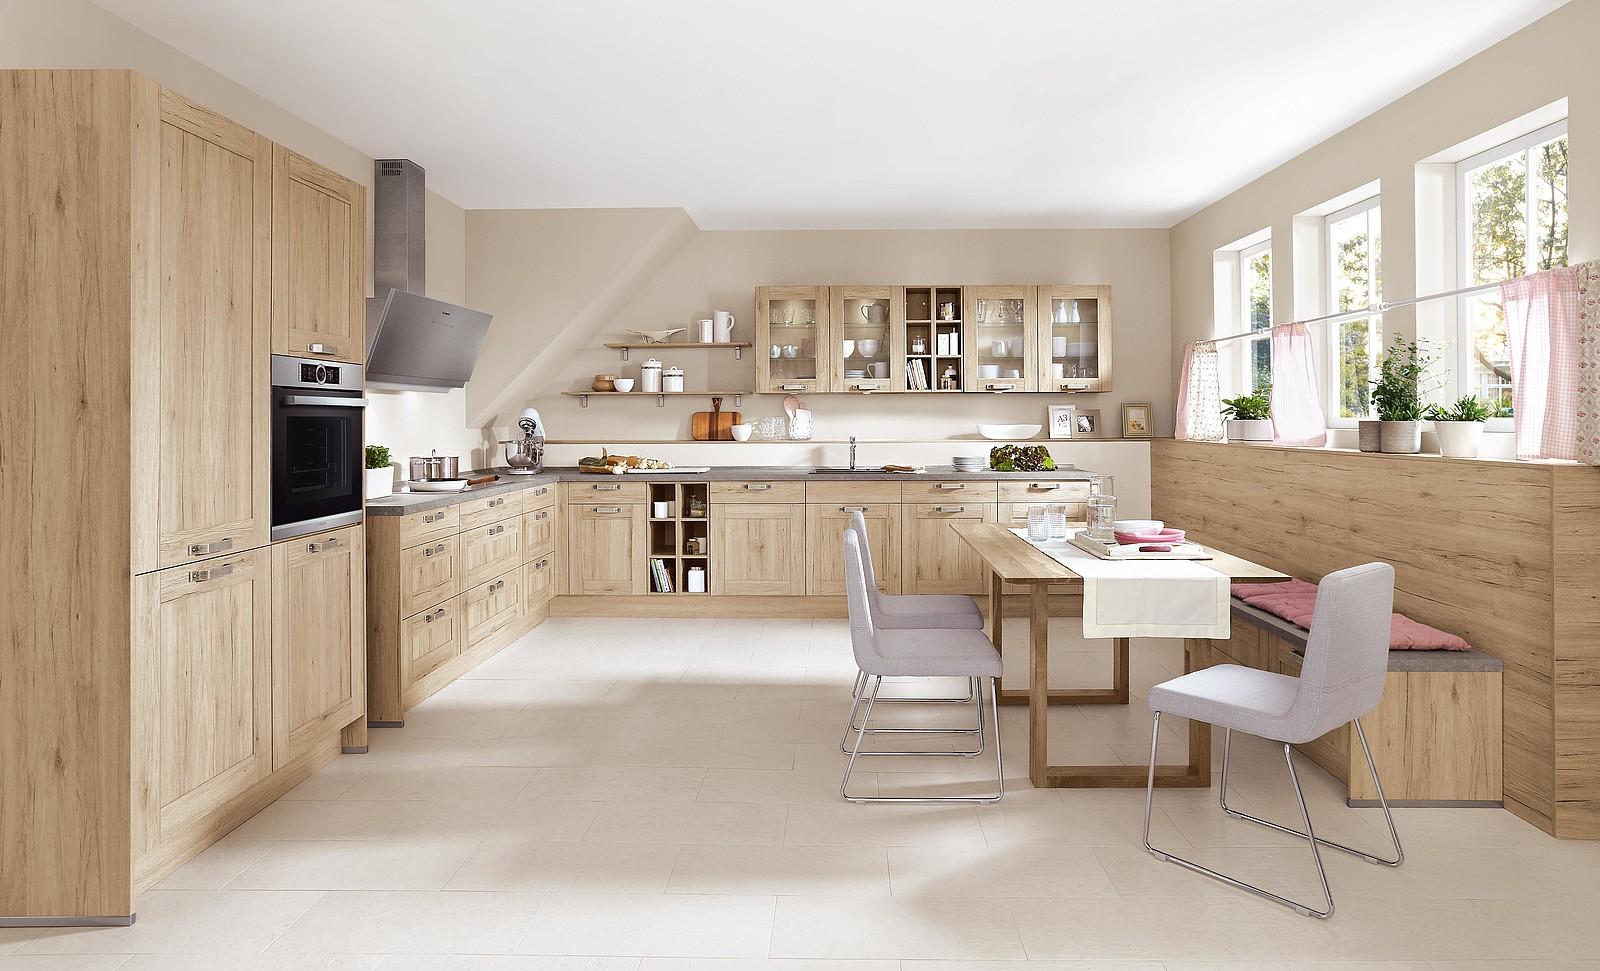 Full Size of Kchenfarben Welche Farbe Passt Zu Wem Vollholzküche Holzküche Massivholzküche Wohnzimmer Holzküche Auffrischen